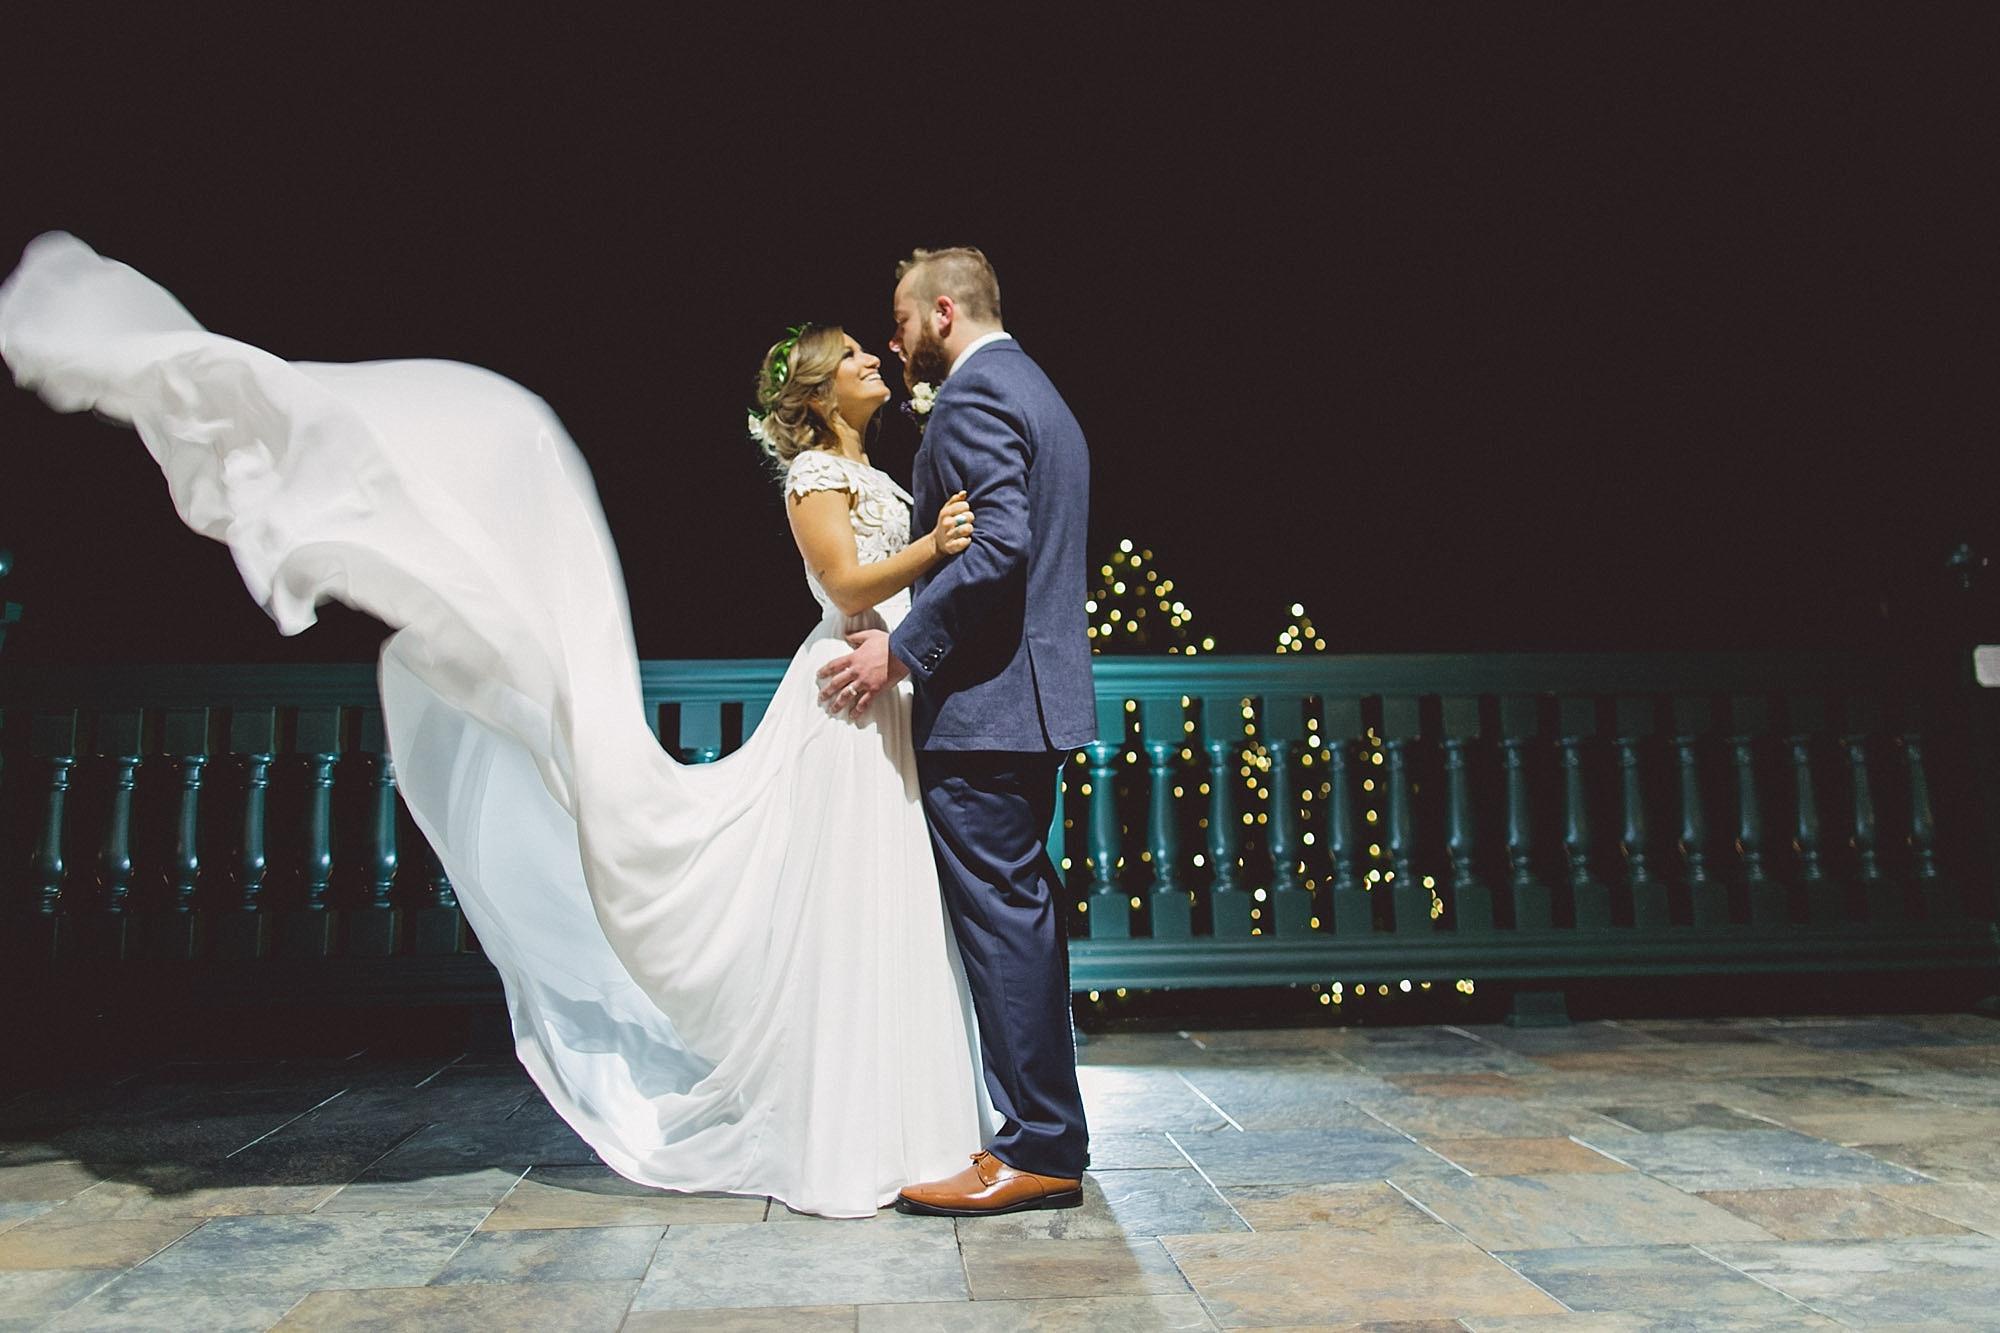 Tweaksbury-country-clup-wedding-70.jpg